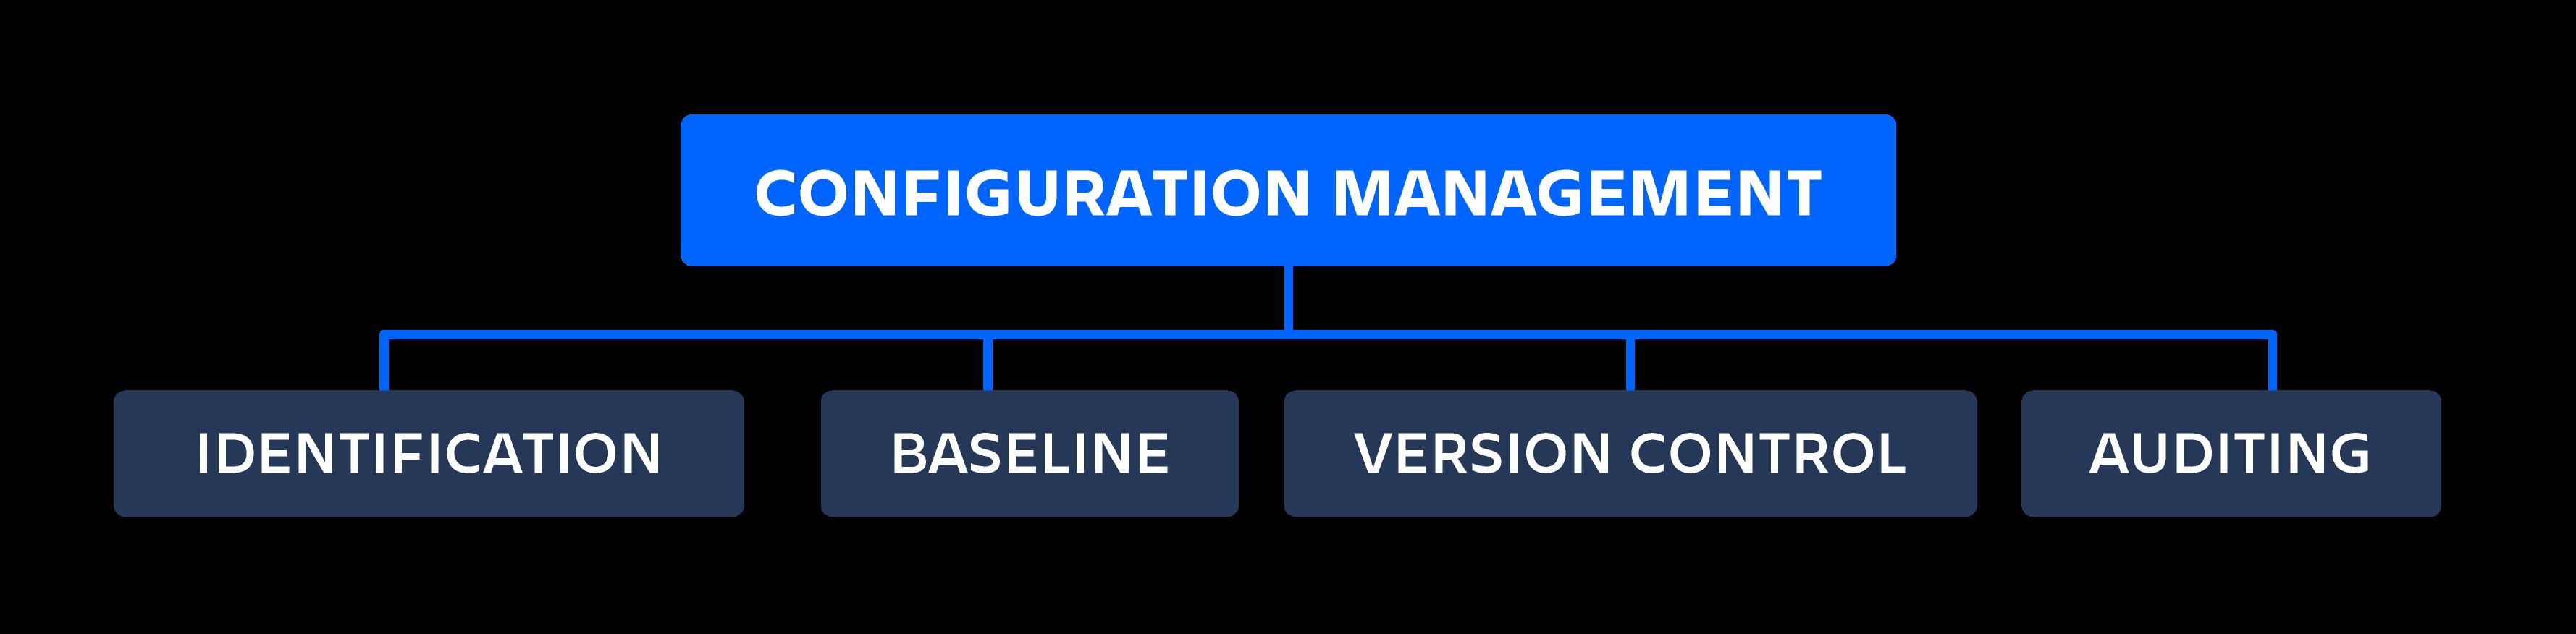 Diagrama de gerenciamento de configuração